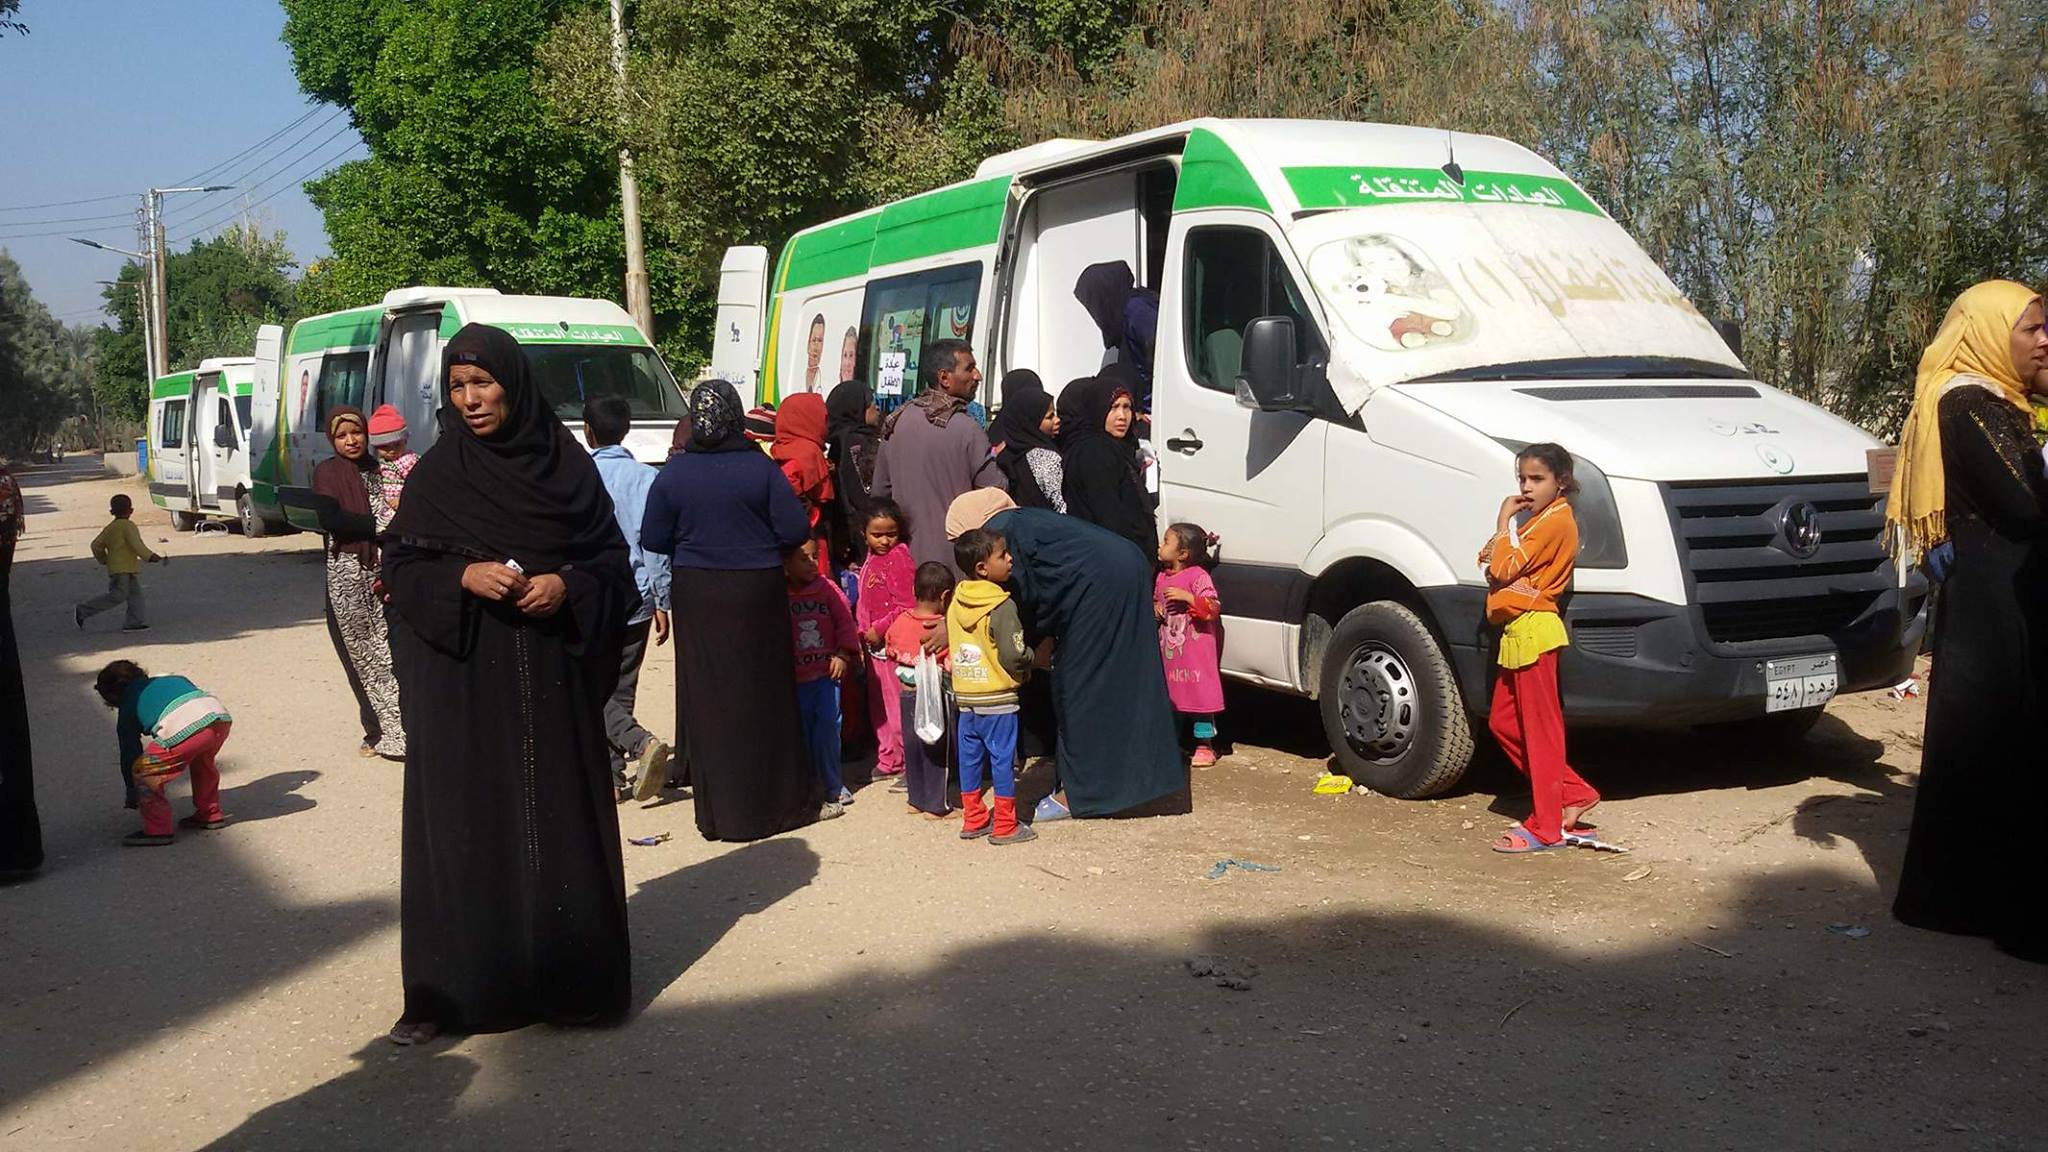 علشان تبنيها بالأقصر تعلن الكشف علي 850 مواطن في قافلة بقرية المدامود (2)